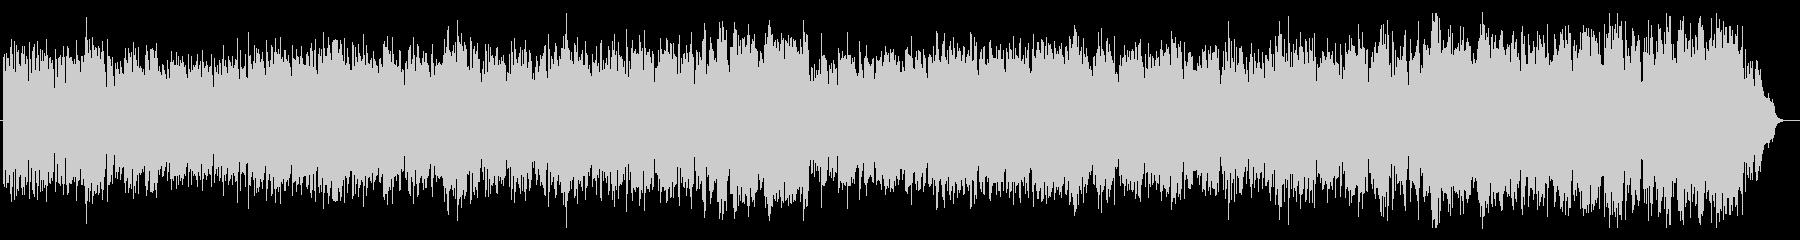 室内楽のボサノバの未再生の波形